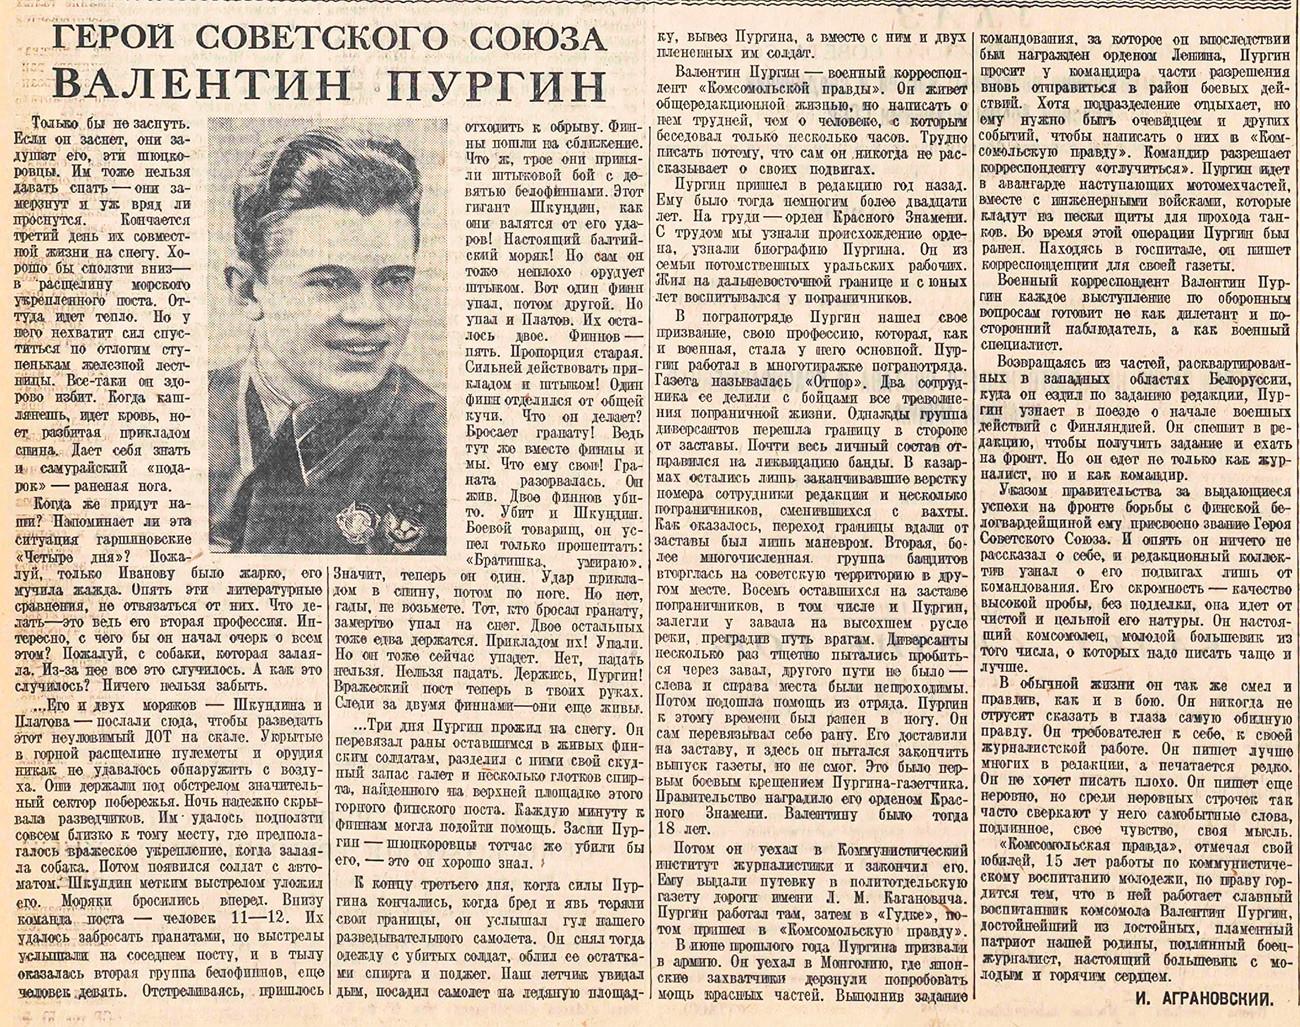 ワレンチン・プルギンが出た新聞紙、コムソモリスカヤ・プラウダ